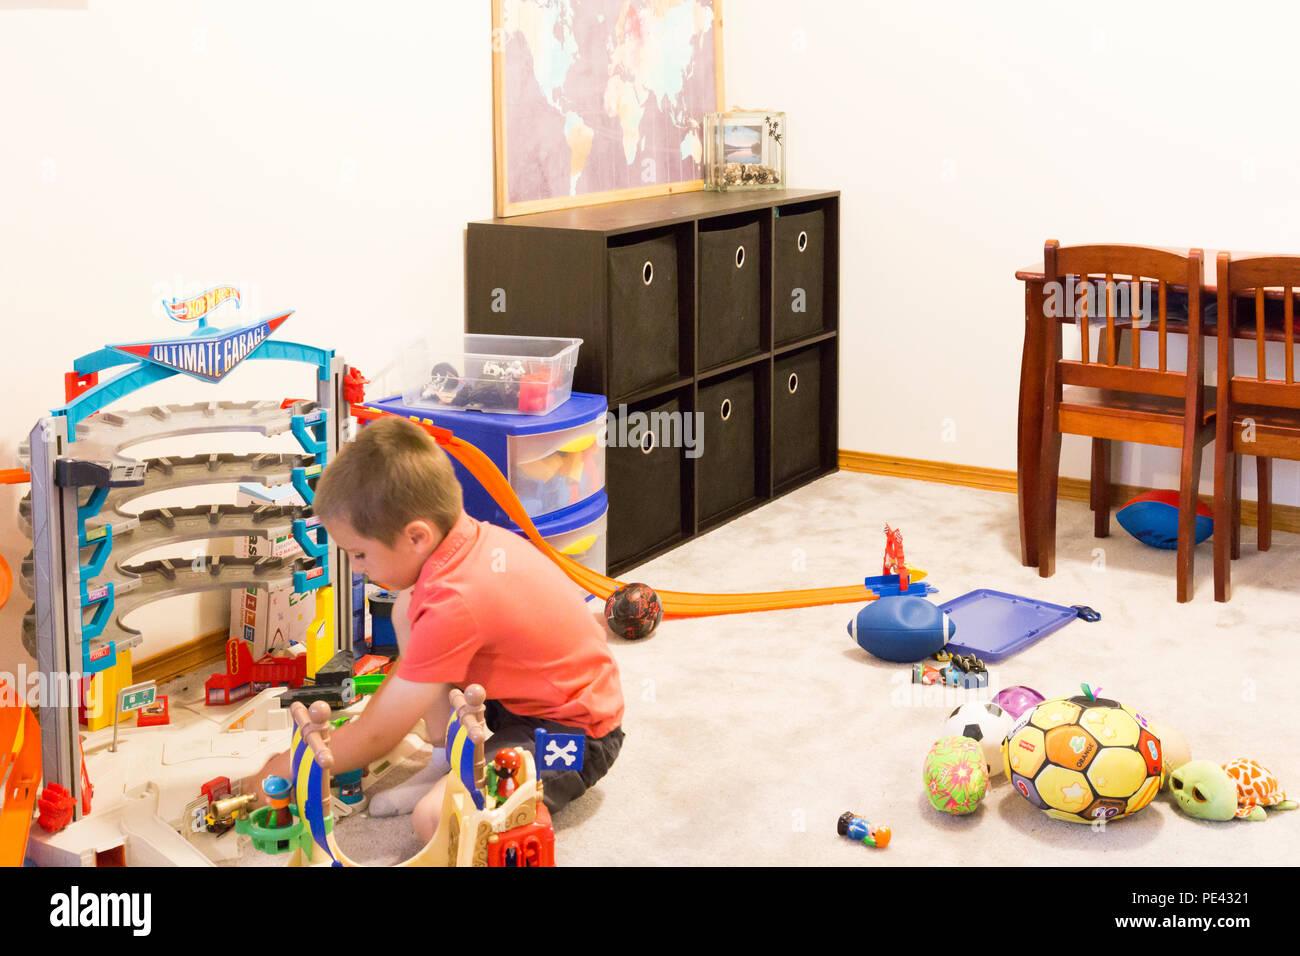 Sala Giochi Per Bambini : Sala giochi per bambini con giocattoli stati uniti d america foto